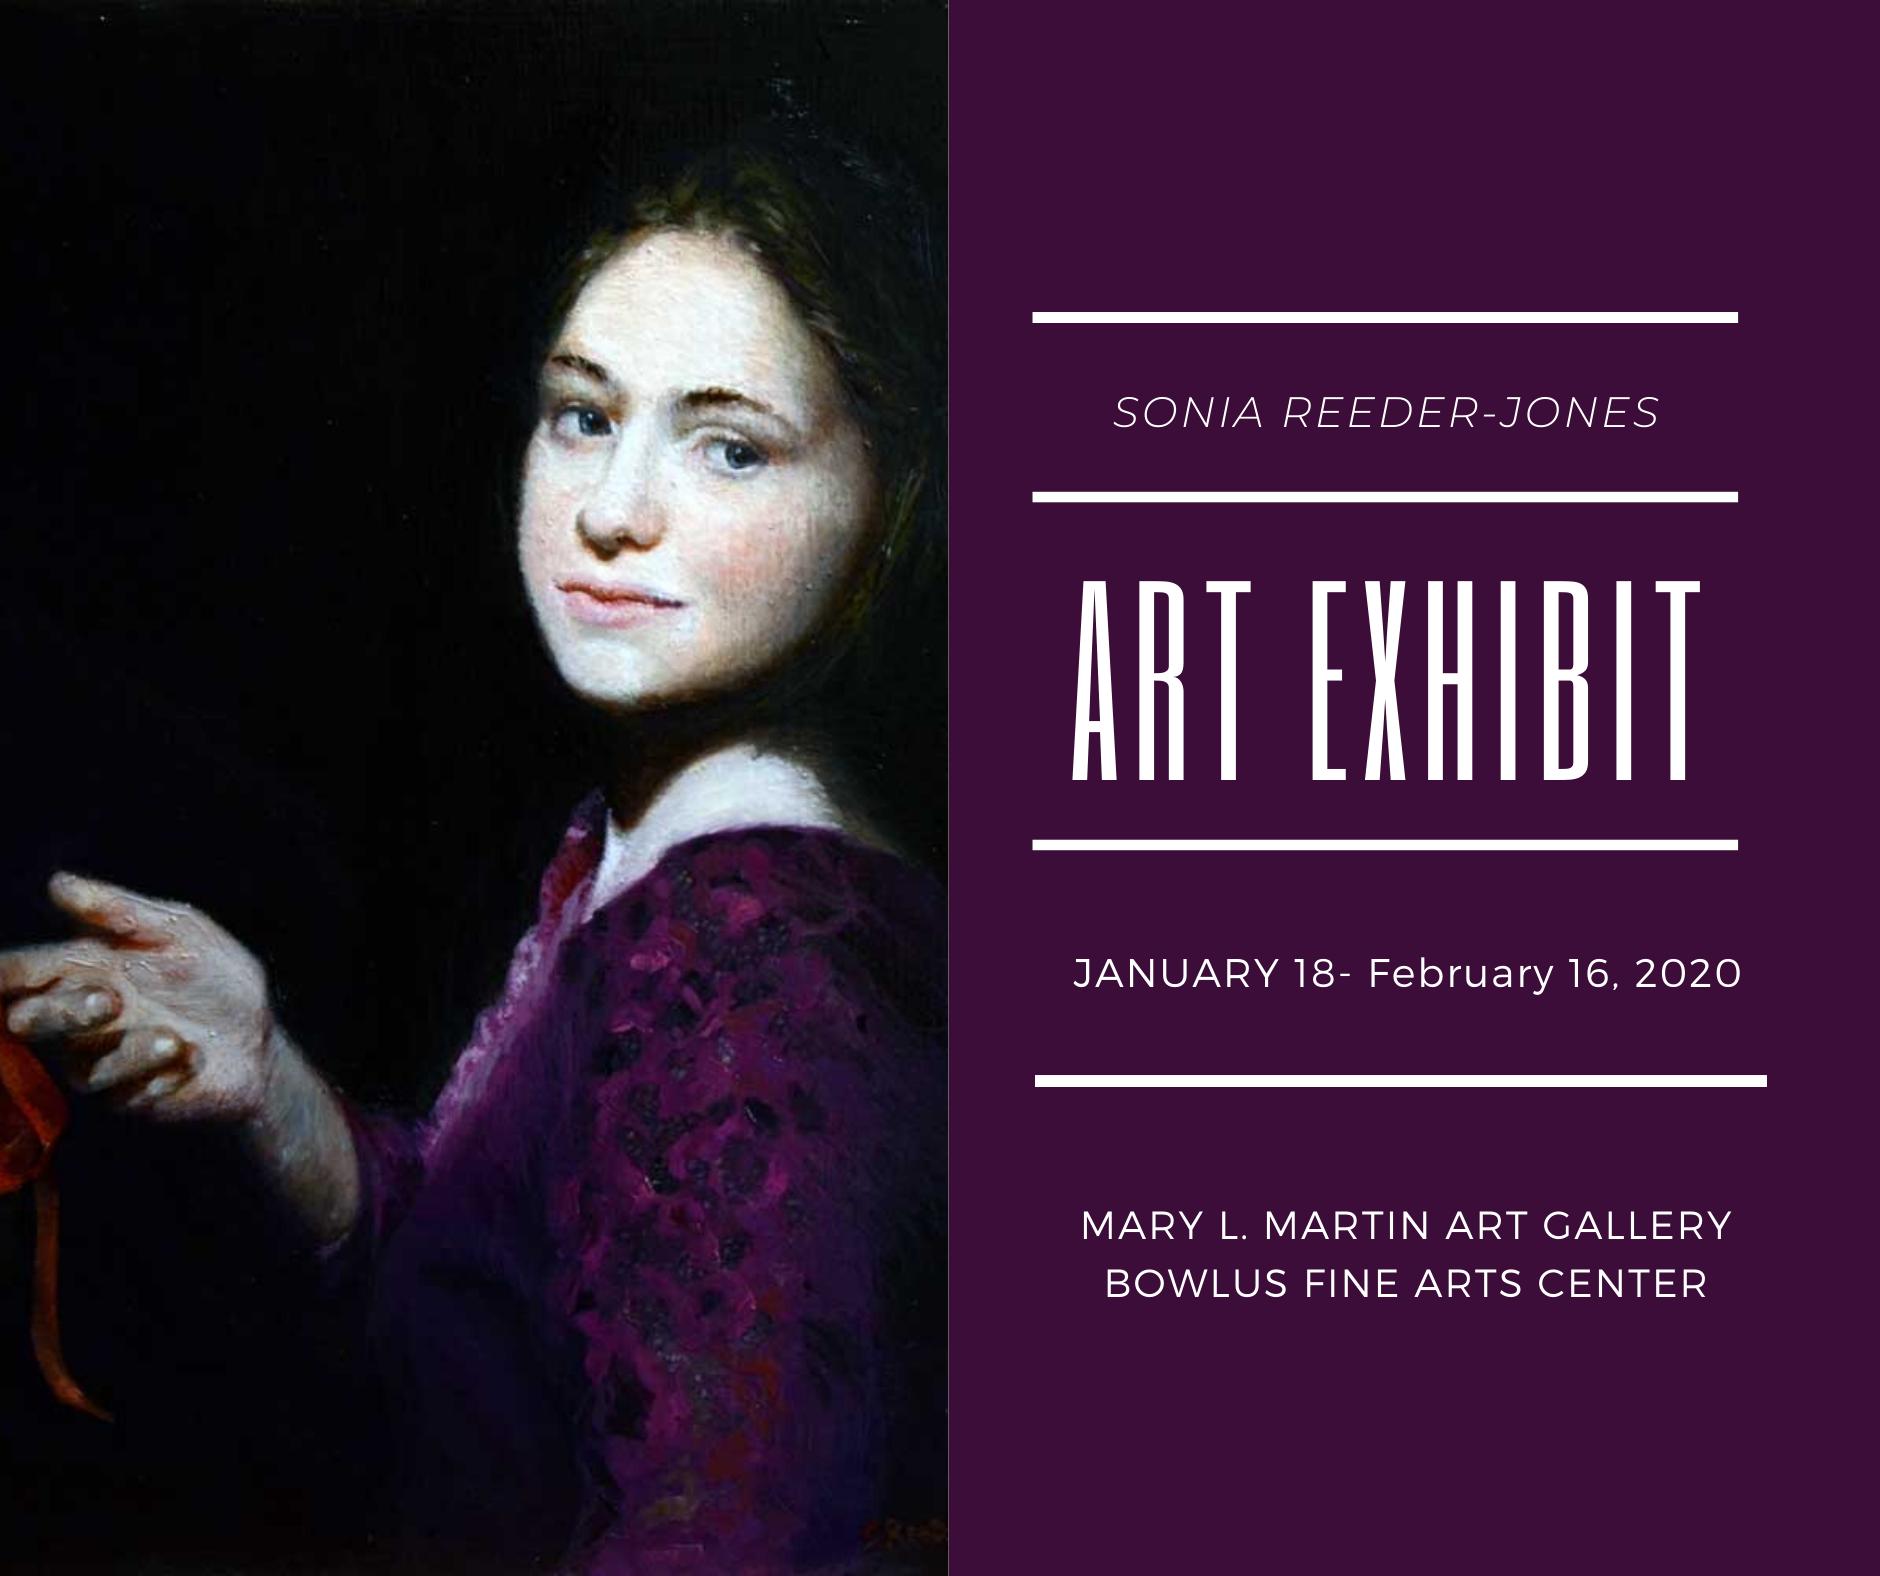 Sonia Reeder-Jones Art Exhibit